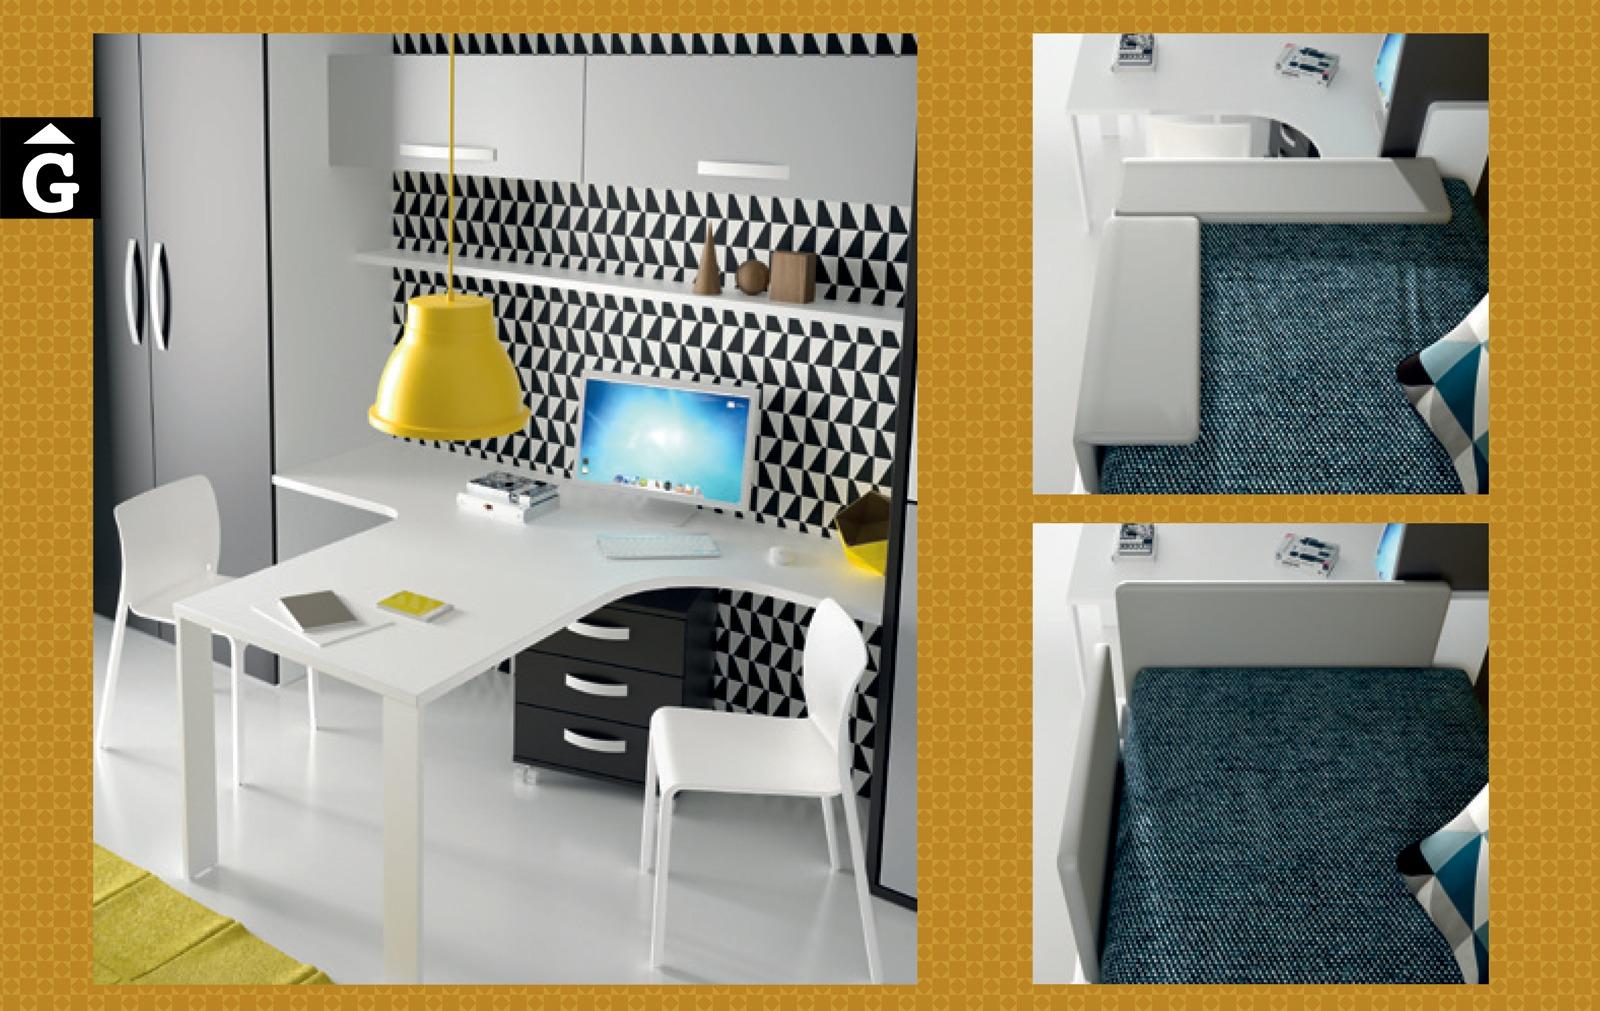 Llitera abatible hortizontal blanc gris vulcano-bedrooms-infinity-muebles-jjp-by-mobles-gifreu-llits-de-nado-infantil-juvenil-singel-disseny-actual-qualitat